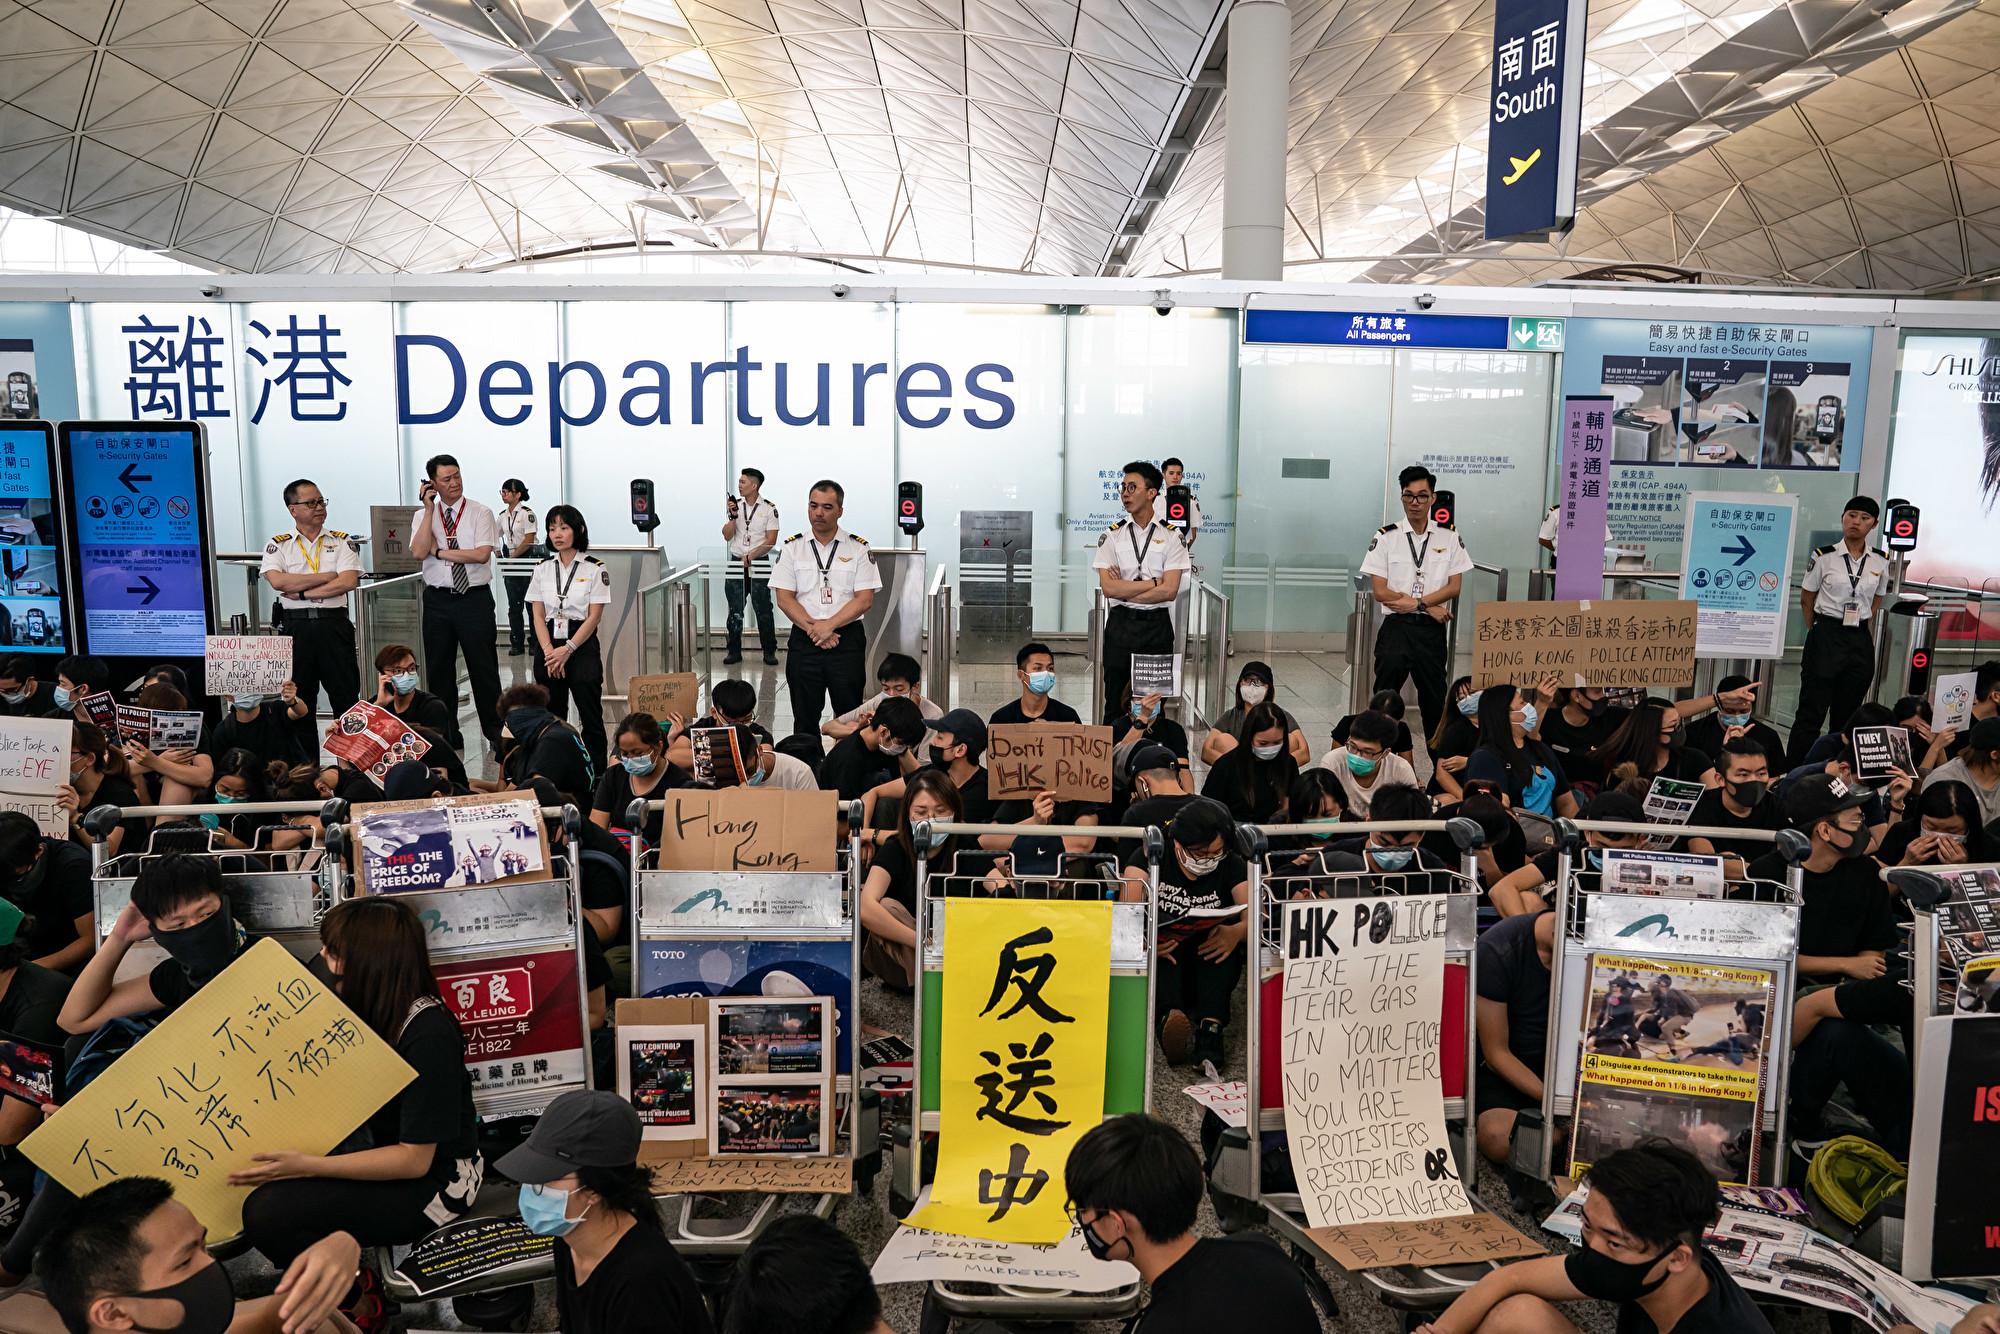 香港機場取消航班 澳旅客見證示威秩序良好